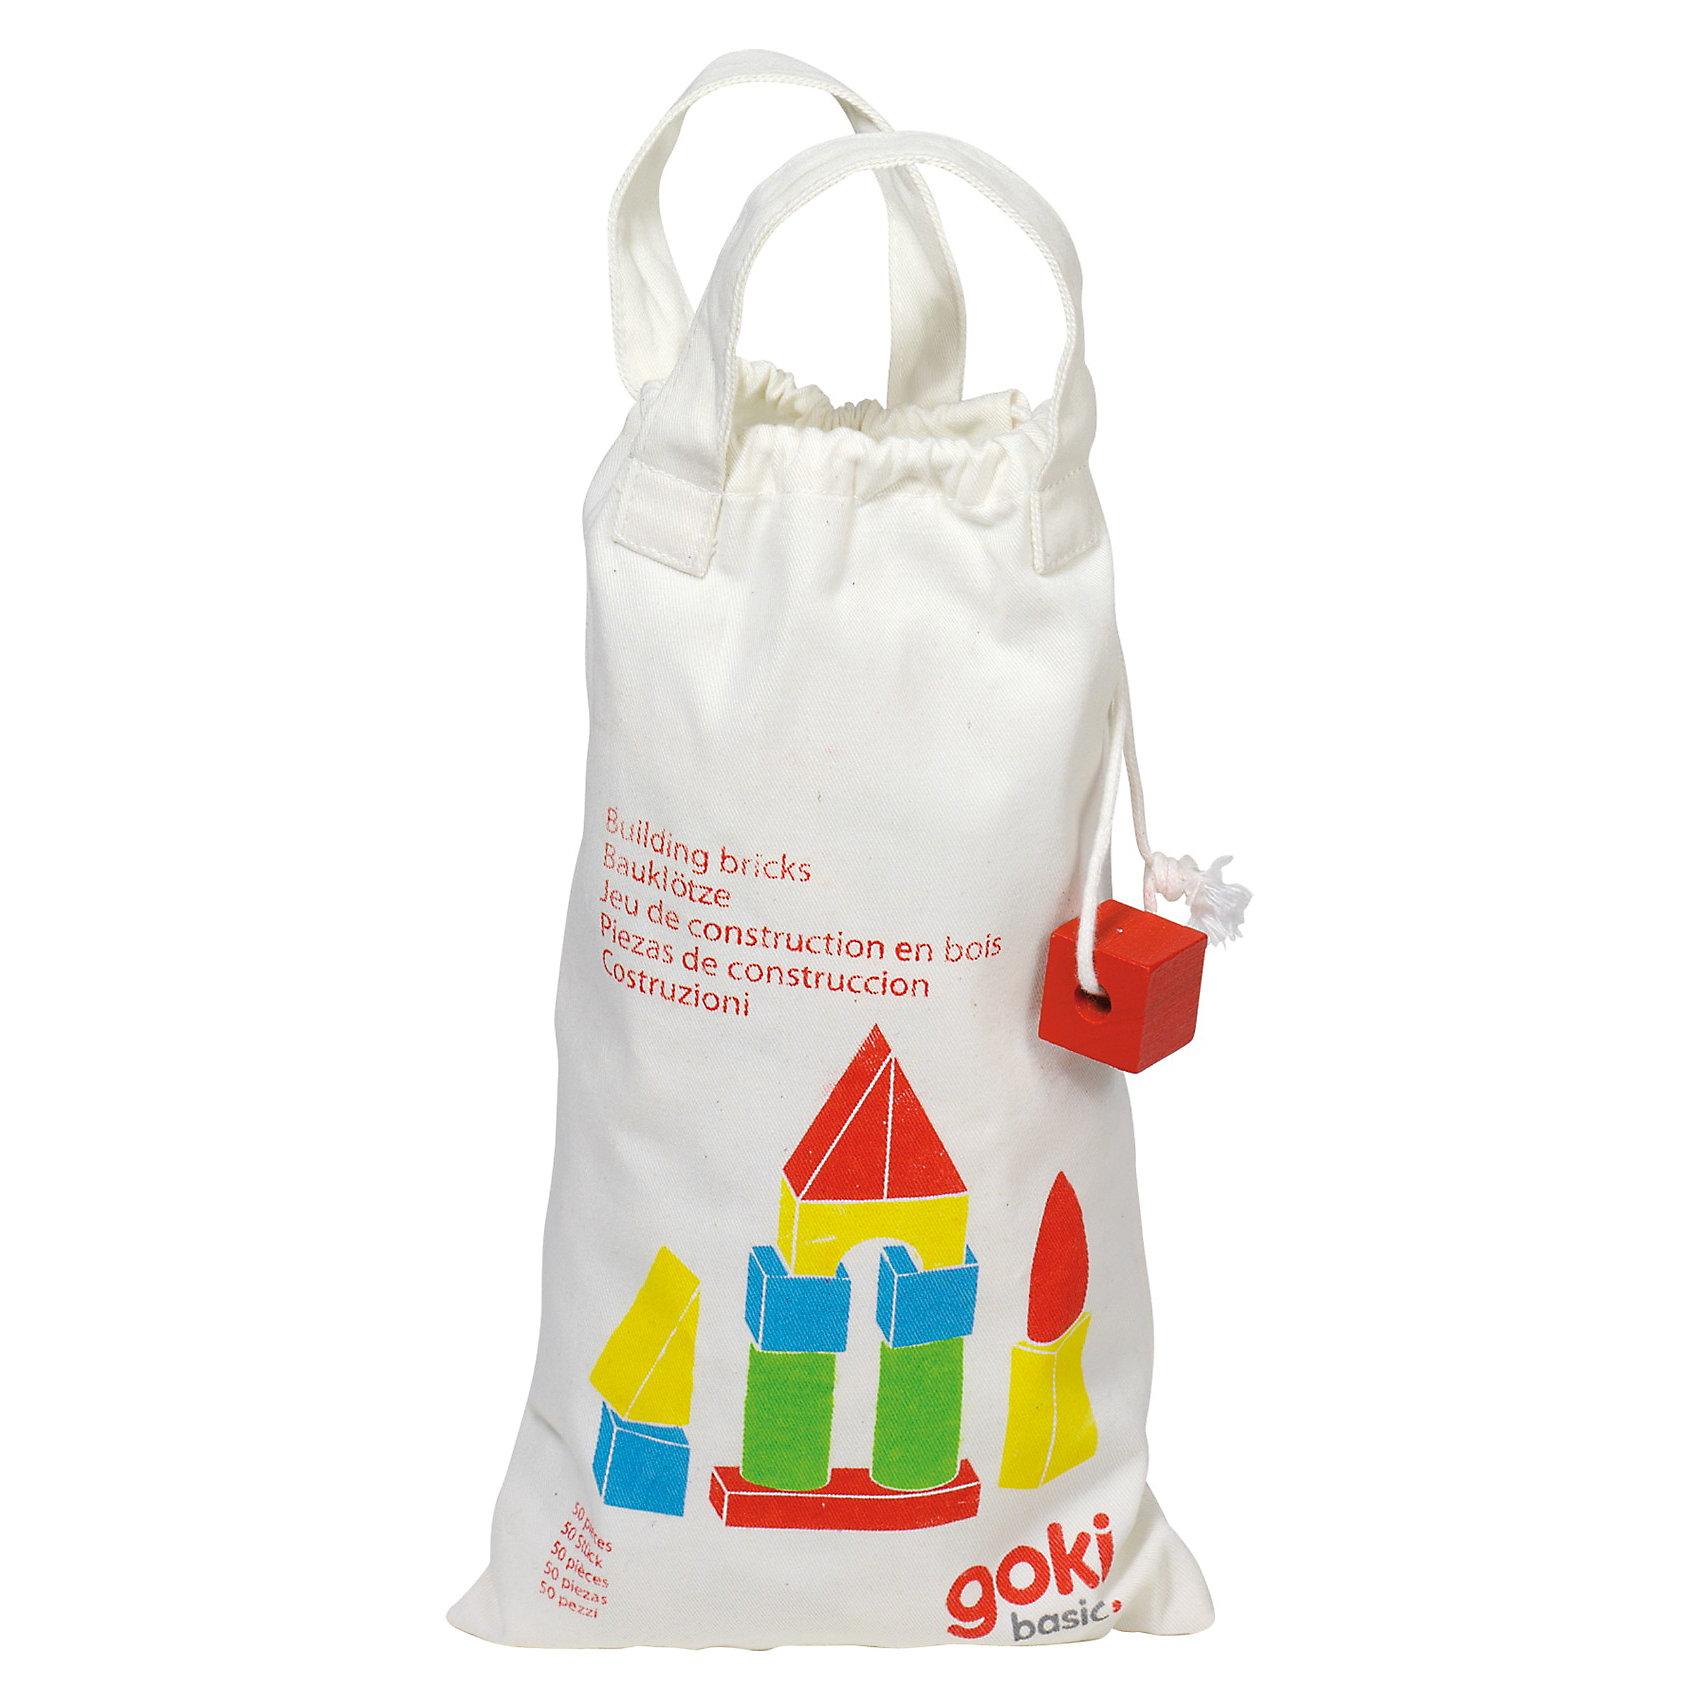 Строительные кубики, цветные, в мешке, 50 дет, goki от myToys